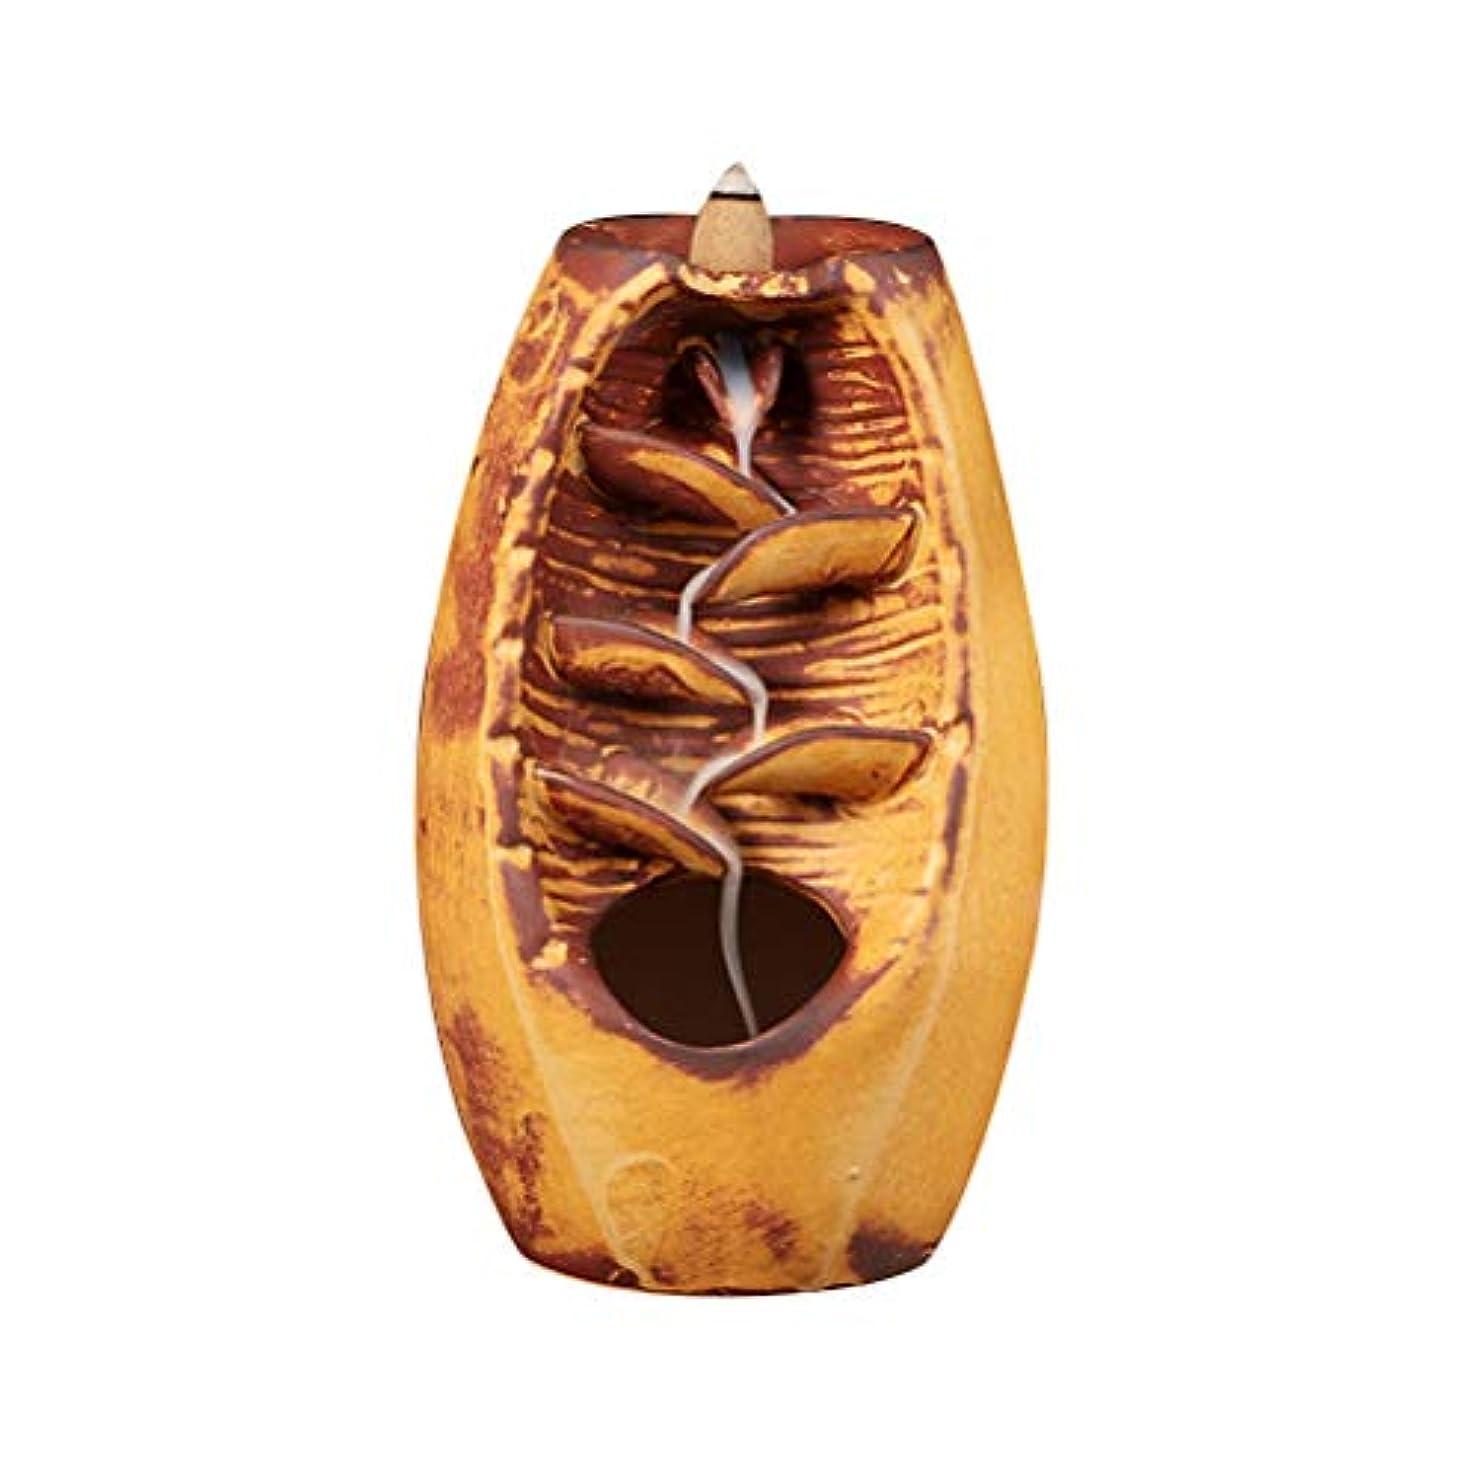 イディオム有名な原点Vosarea 逆流香バーナー滝香ホルダーアロマ飾り仏教用品(金)